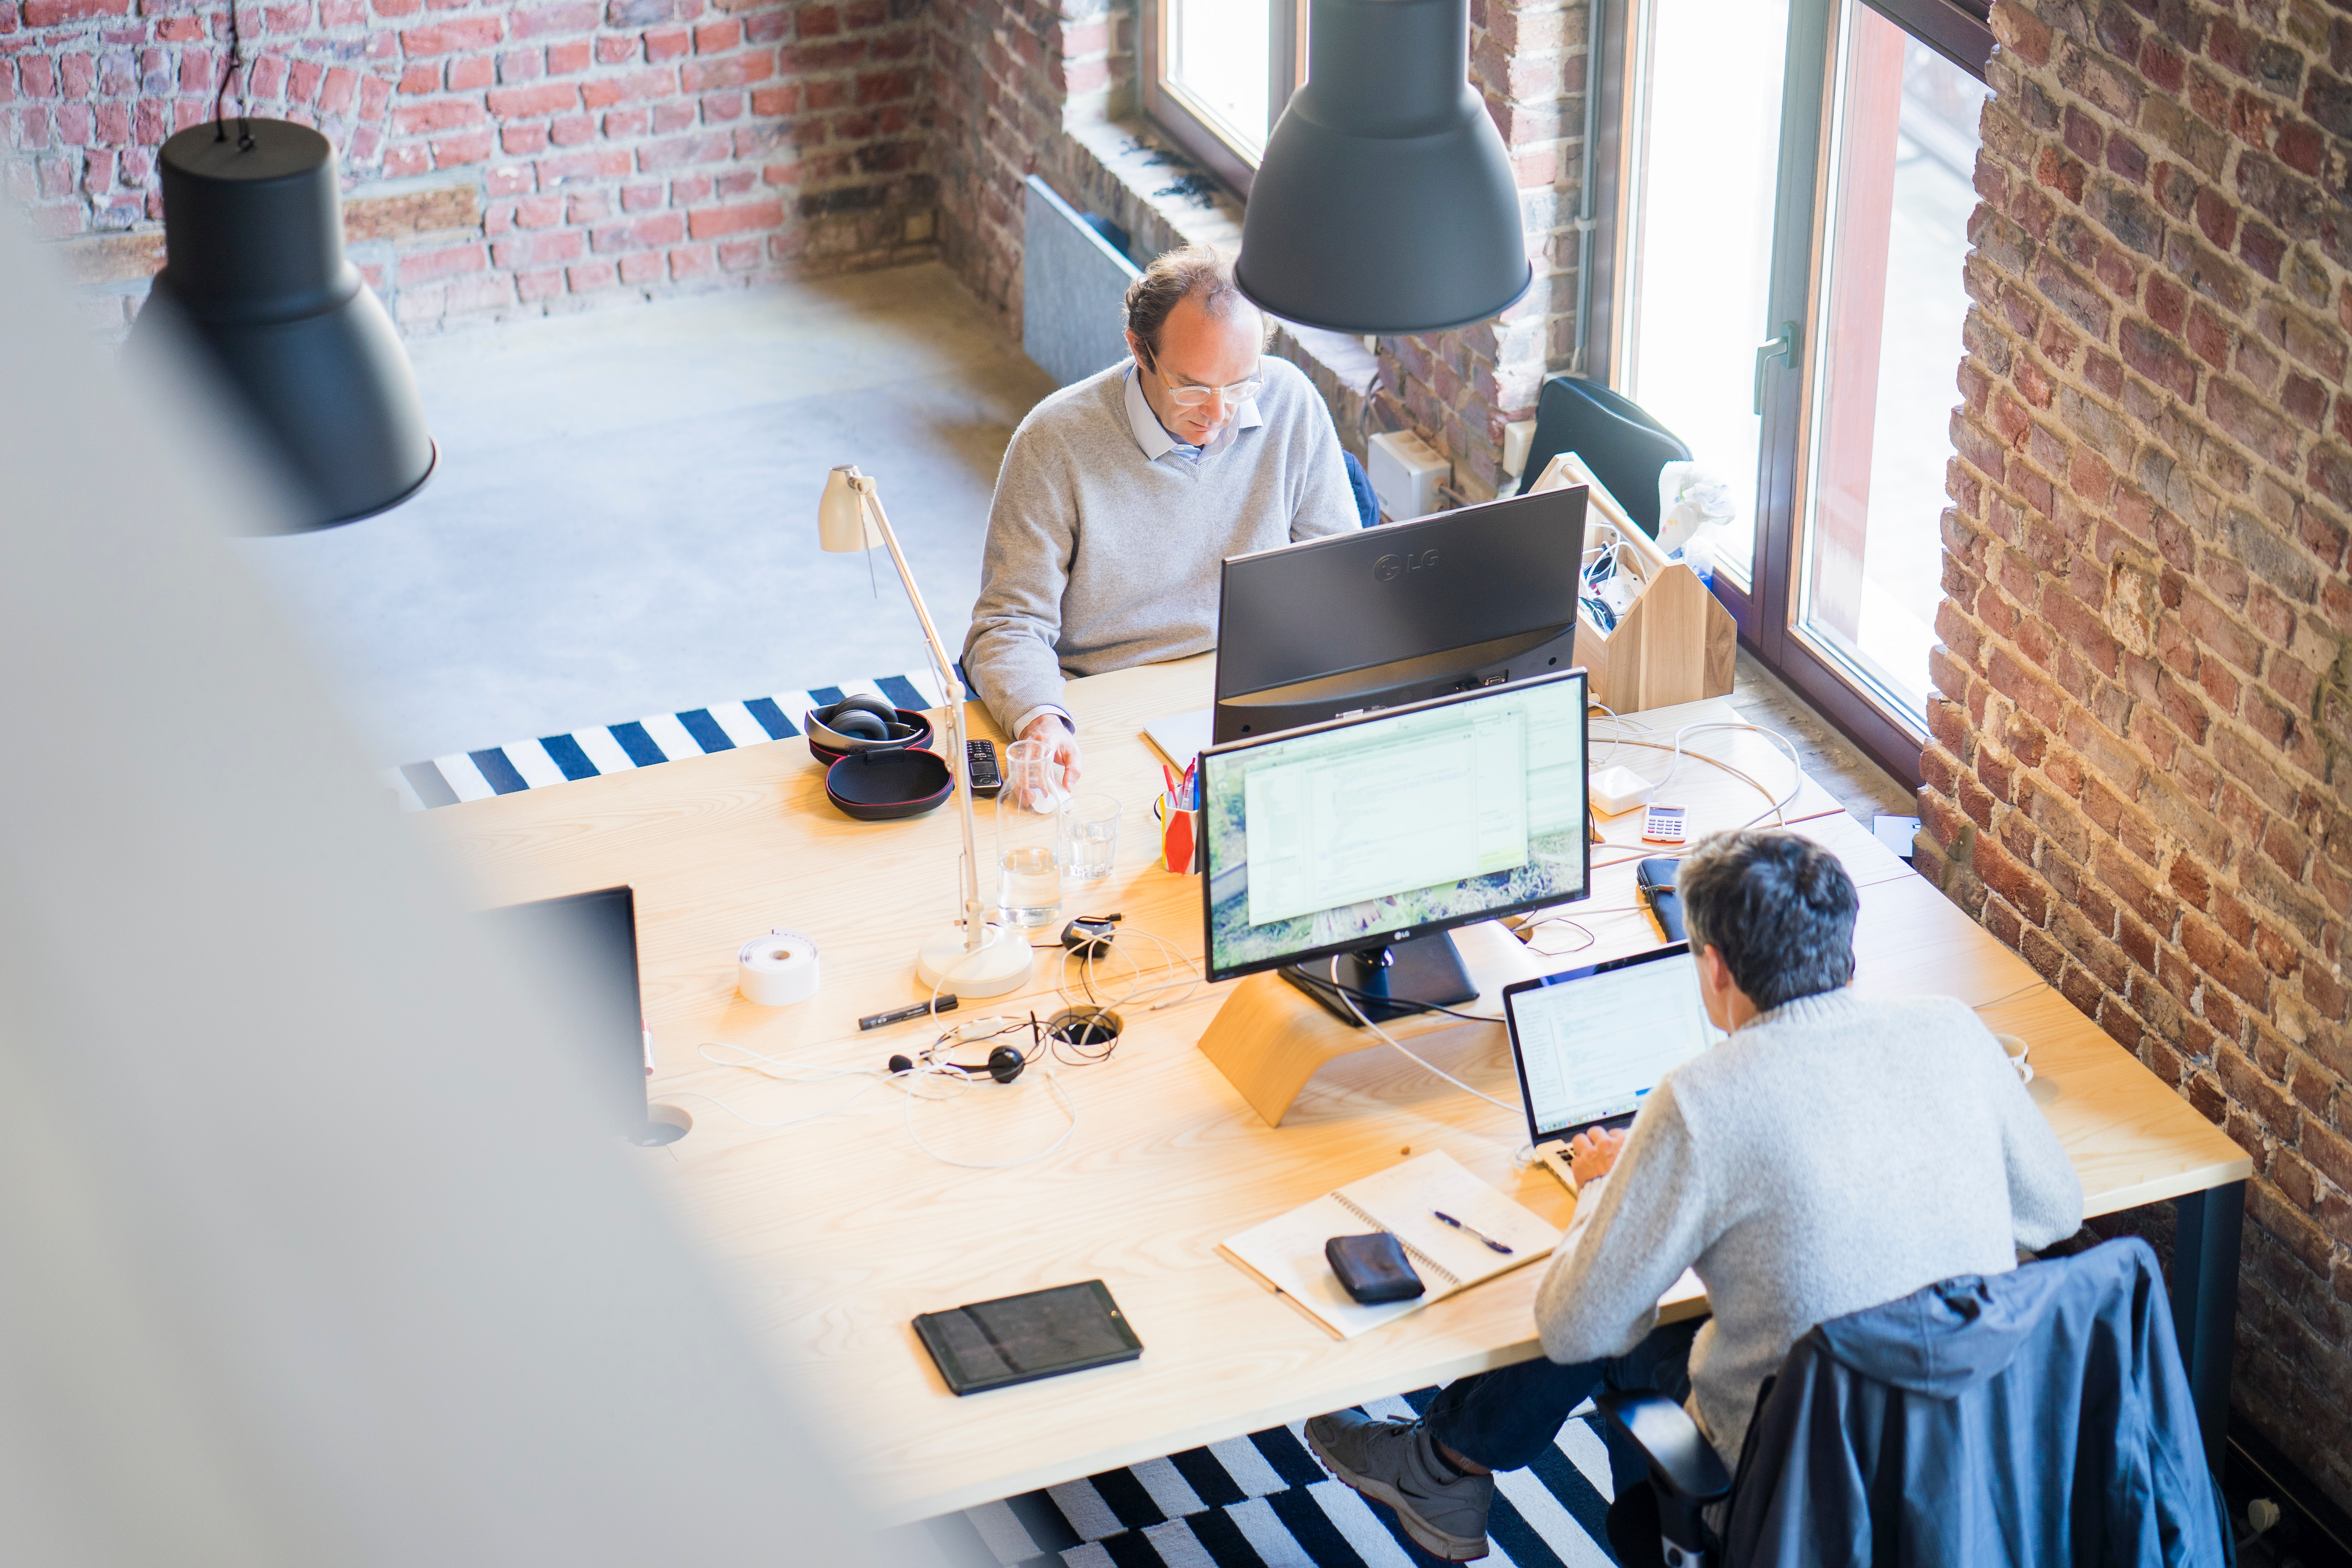 Les empreses demanen més programes de formació per incrementar l'oferta de perfils digitals